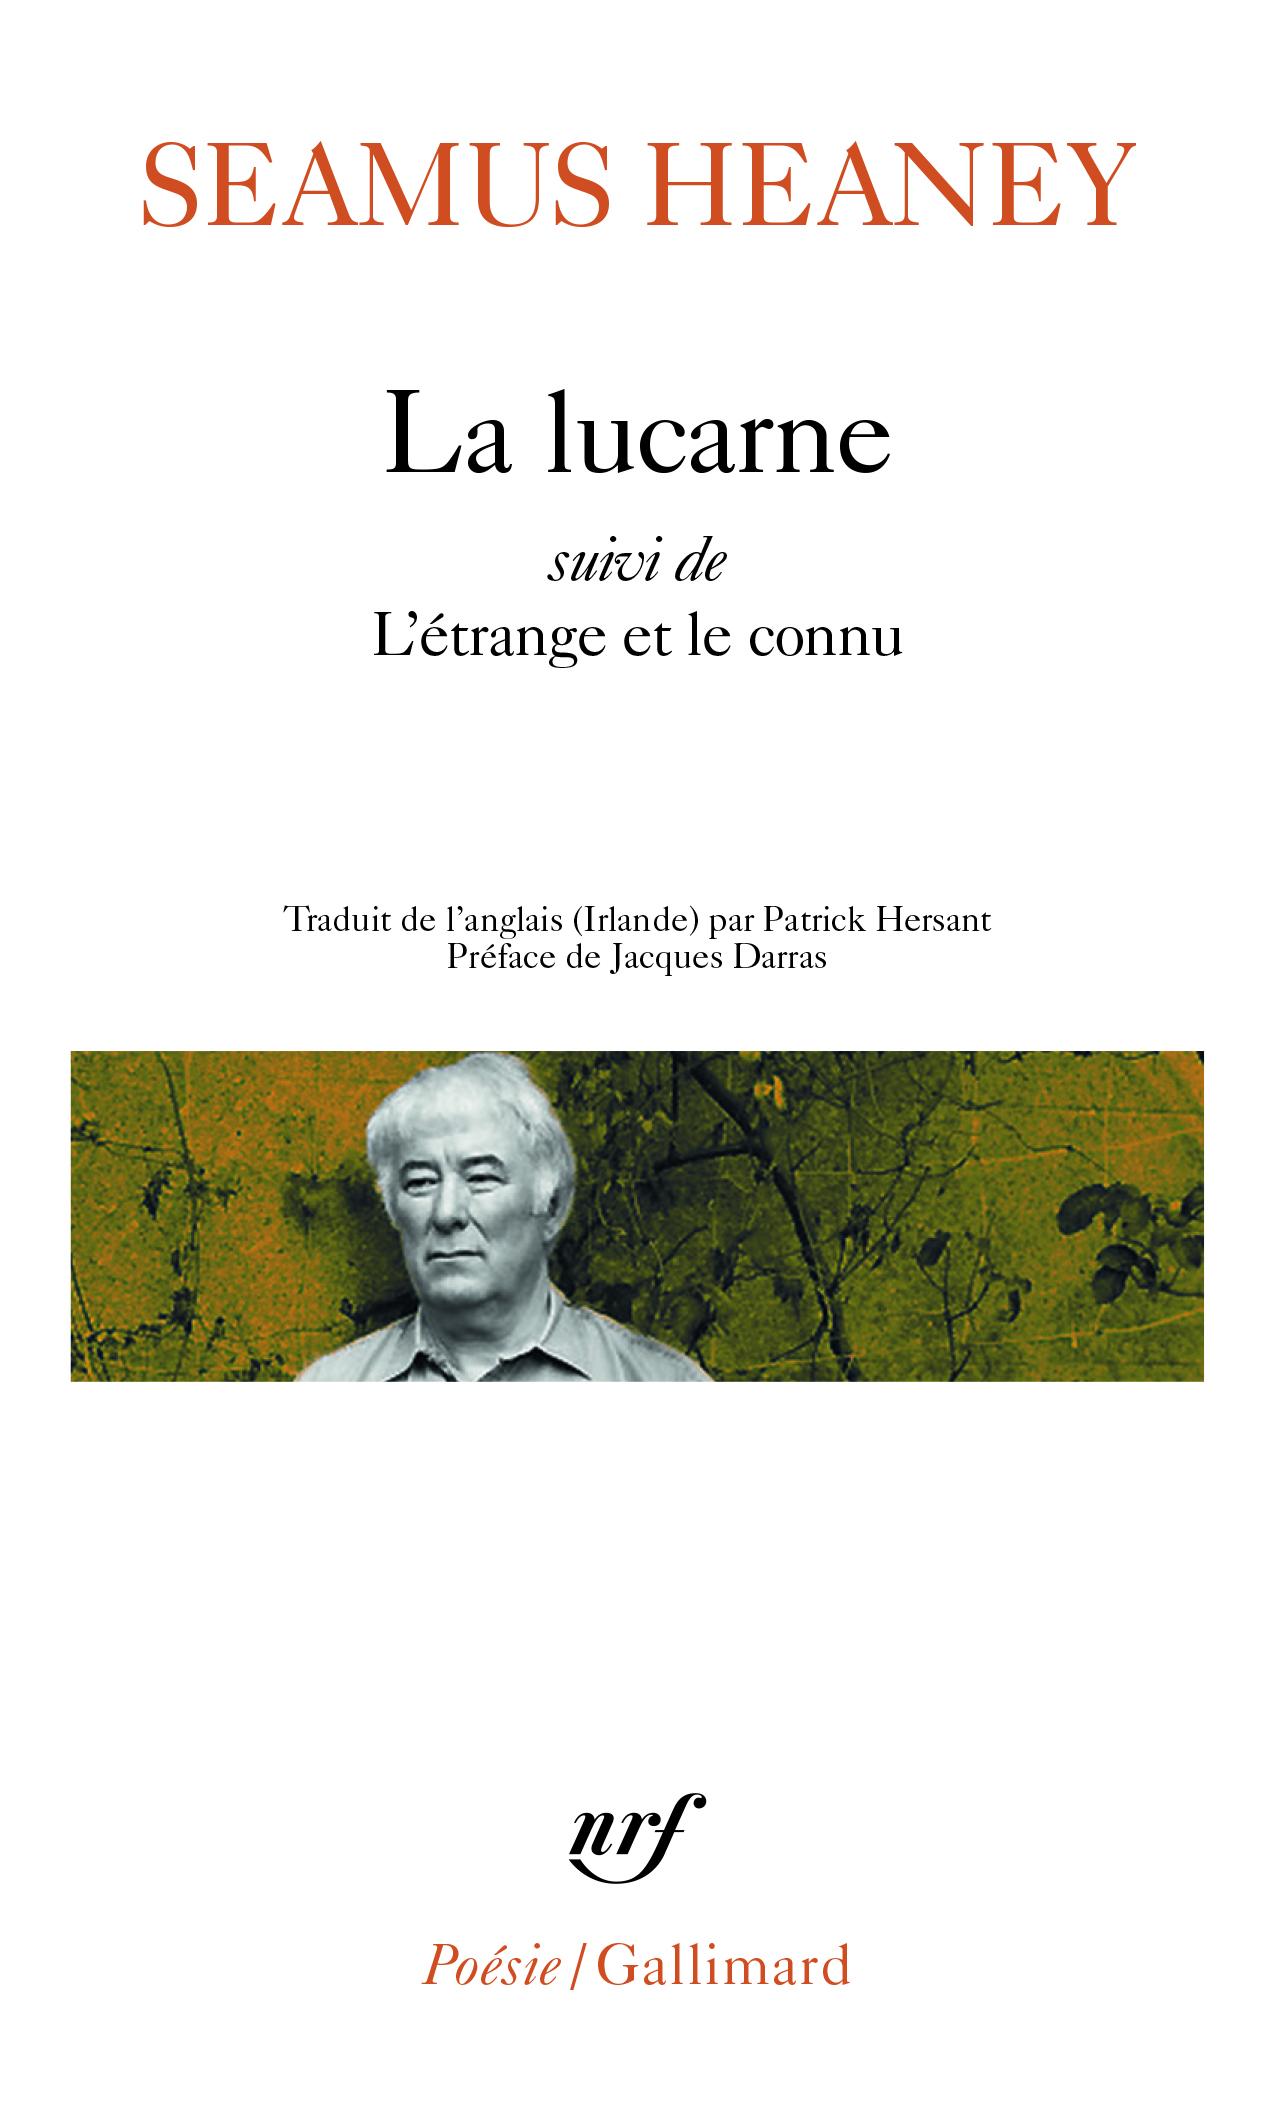 LA LUCARNE/L'ETRANGE ET LE CONNU